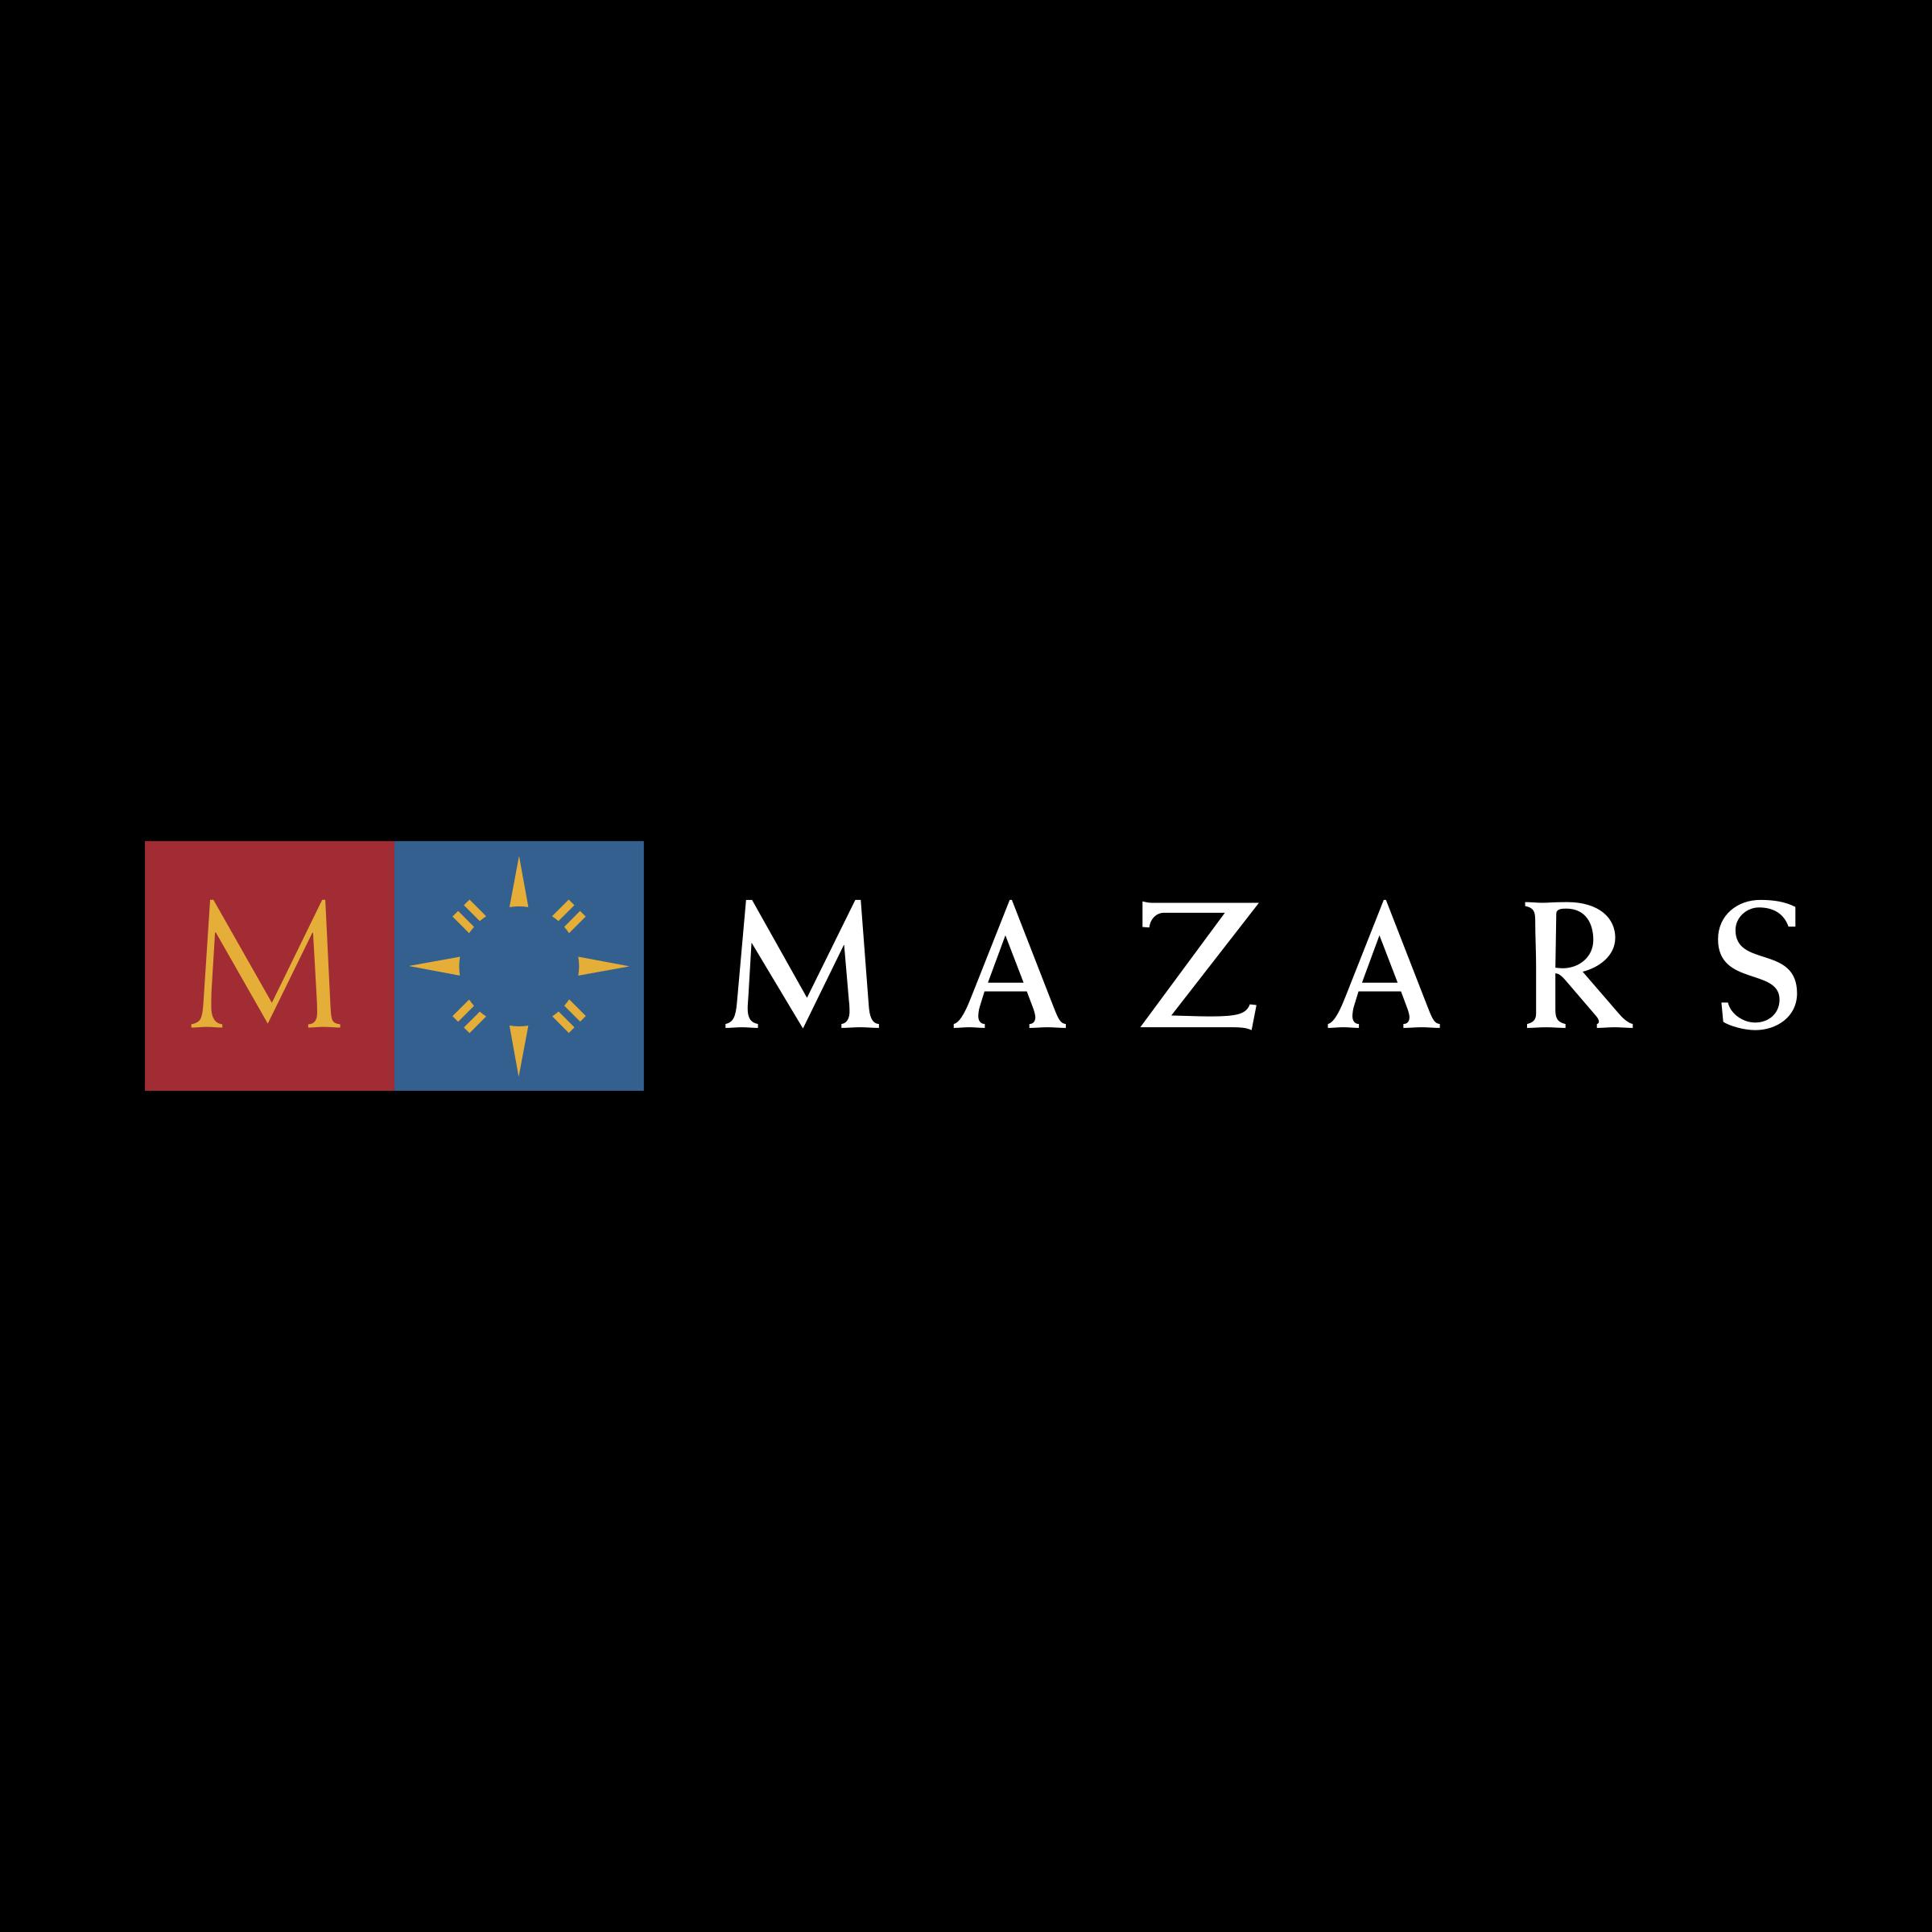 Mazars Logo Png 10 Free Cliparts